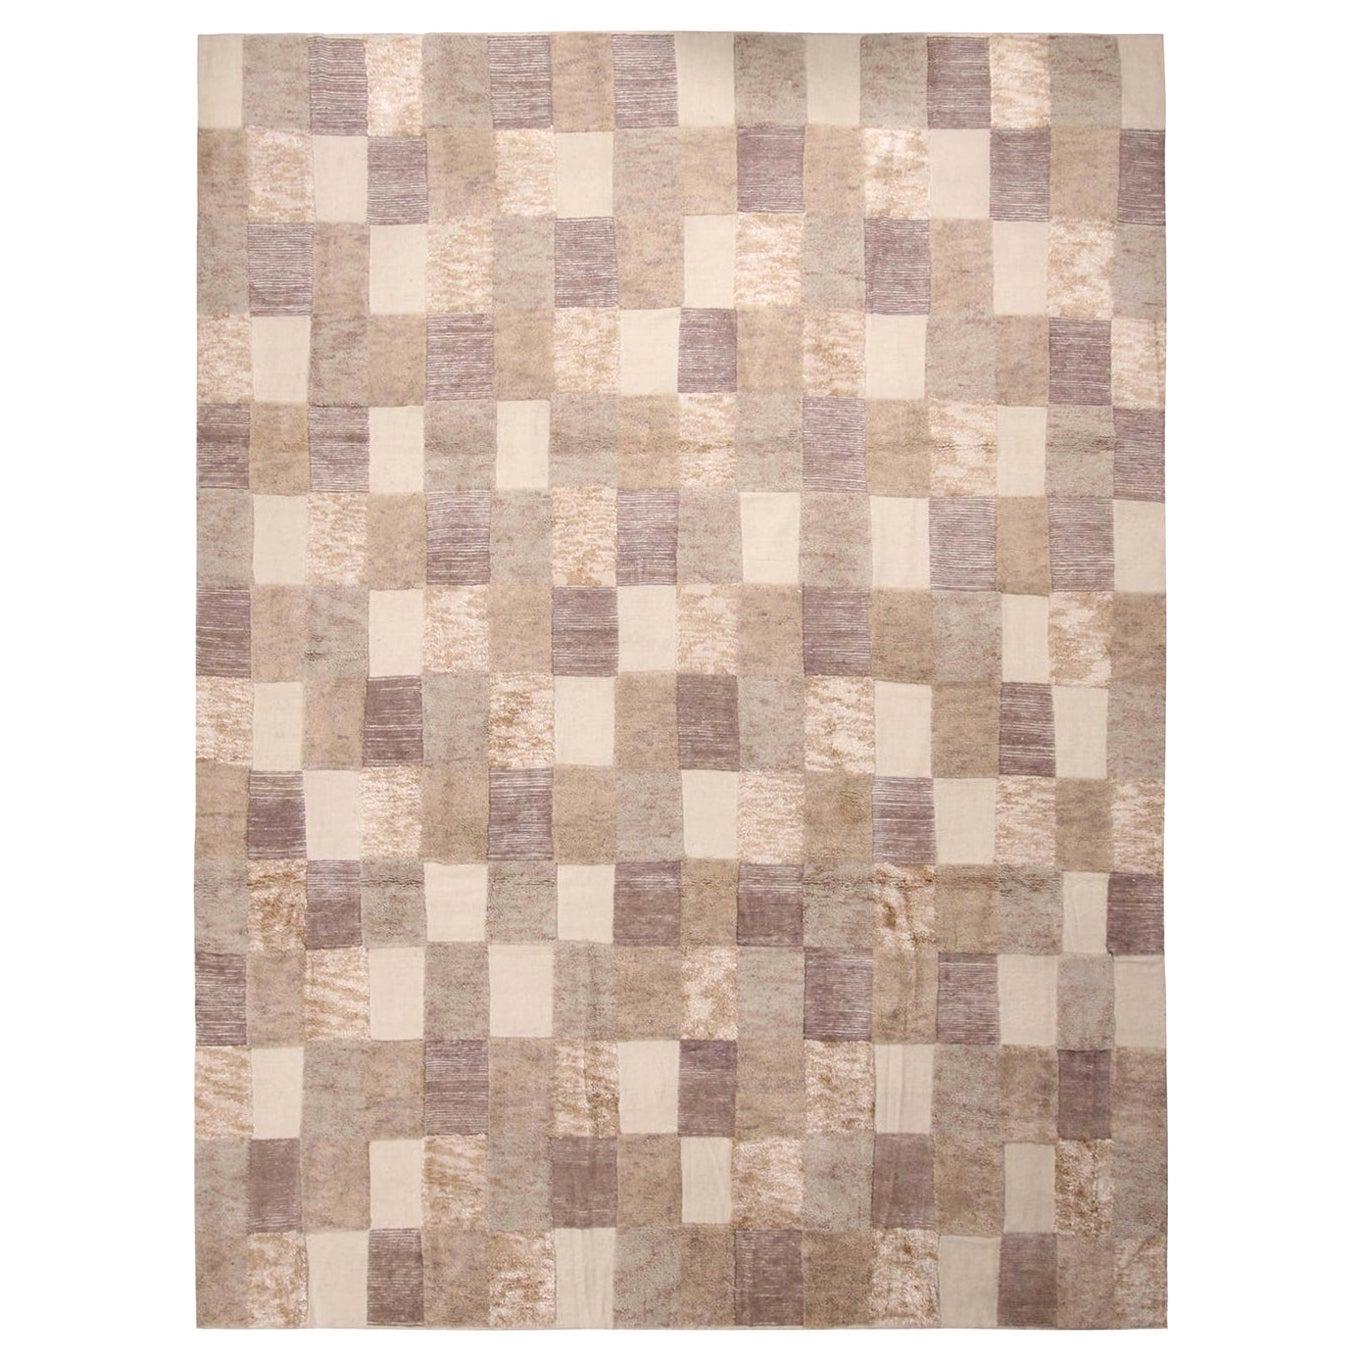 Rug & Kilim's Scandinavian-Inspired Beige Brown and Gray Wool Pile Rug